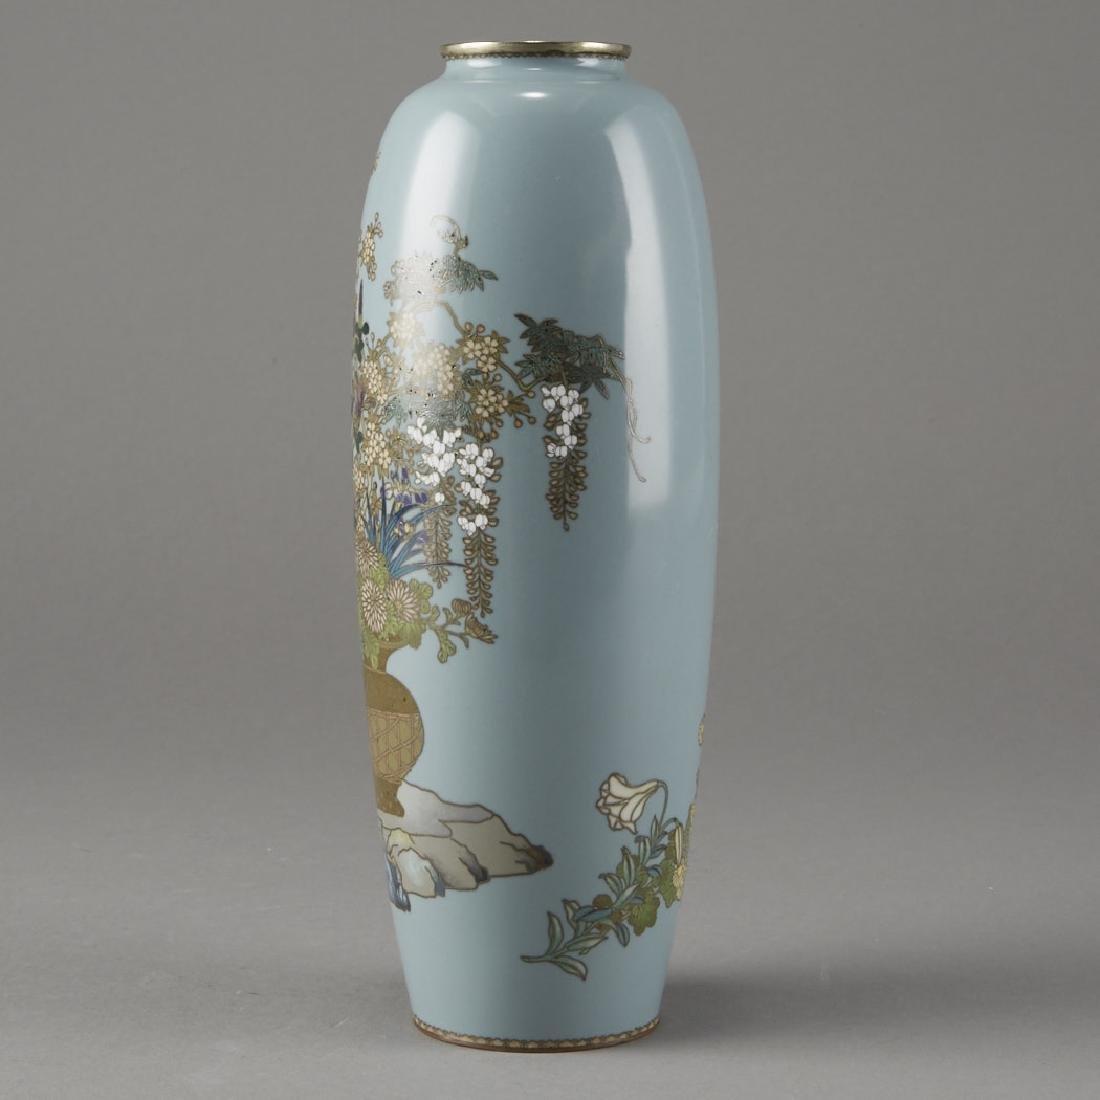 Japanese Cloisonne Vase after of Hayashi Kodenji - 2